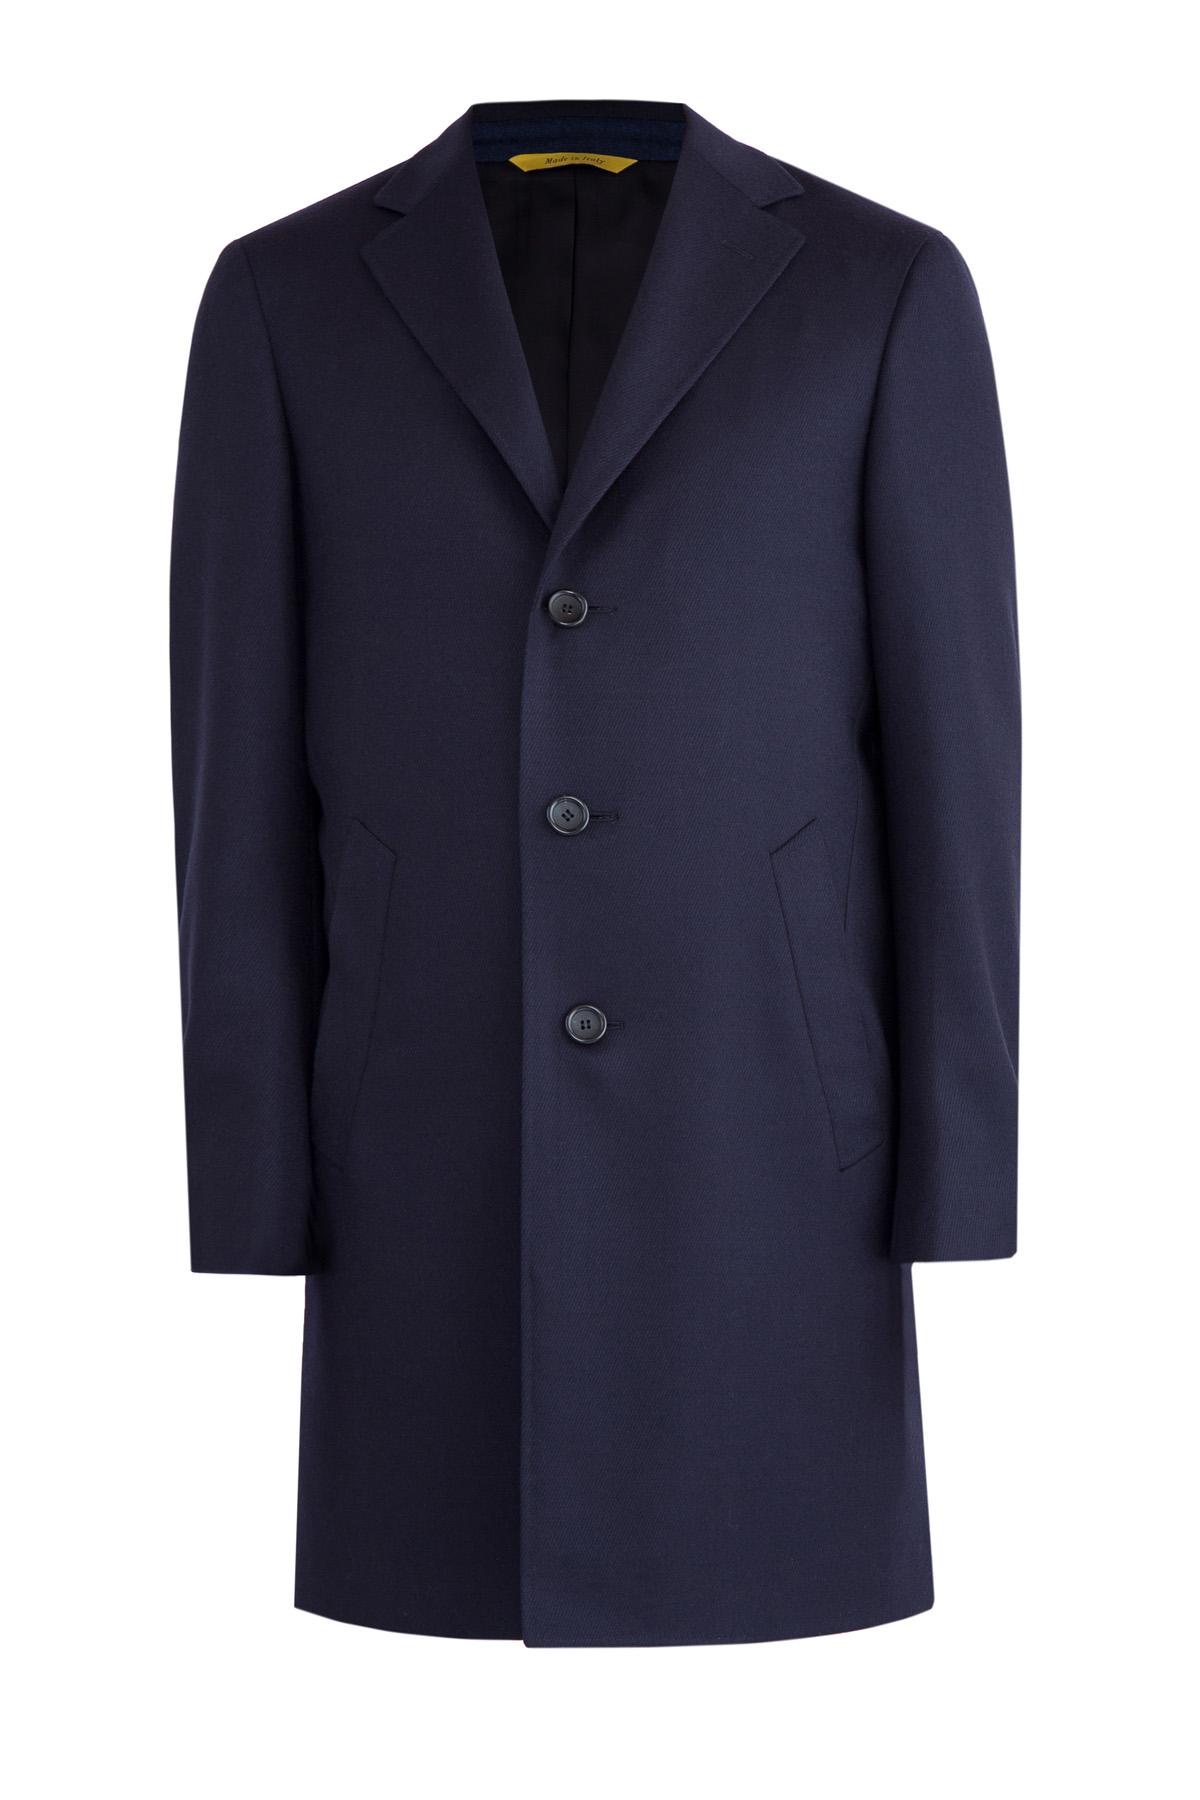 Пальто Kei ручной работы из шерстяной ткани